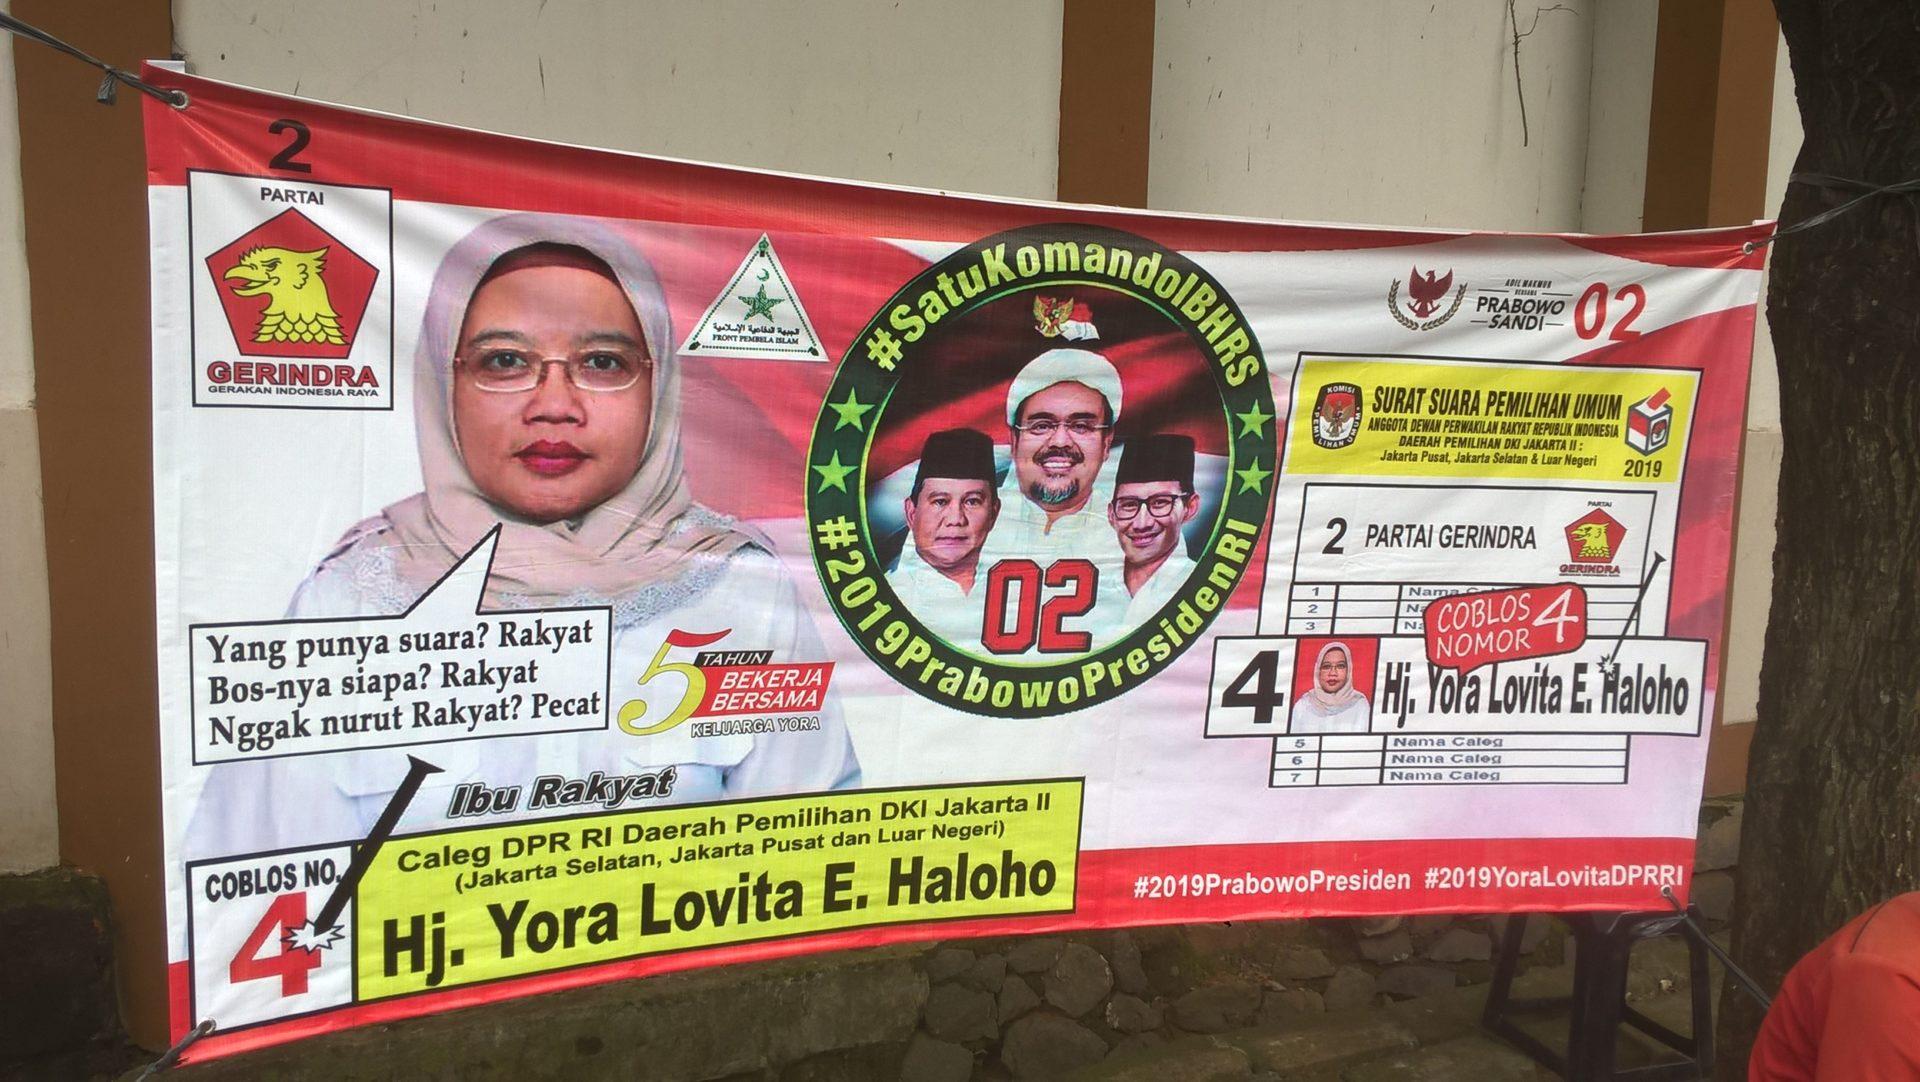 Einige Kandidat*innen aus Prabowos Partei Gerakan Indonesia Raya (Bewegung für ein erhabenes Indonesien, Gerindra) oder aus mit ihr koalierenden Parteien warben mit ihrer Mitgliedschaft oder ihrer Verbindung zur Front Pembela Islam (Front der Verteidiger des Islam, FPI). Die FPI ist eine militante islamistische Gruppe, die vor allem durch Selbstjustiz gegen angeblich unislamisches Verhalten auf sich aufmerksam macht und auch bei den Protesten gegen den christlichen Gouverneur von Jakarta, Ahok, eine gewichtige Rolle spielte. Dieses Plakat zeigt im Hintergrund Habib Rizieq sogar noch über Prabowo und Sandiaga Uno. Aber bei allen Anklängen an den politischen Islam dürfen auch hier nationalistische Symboliken wie die rotweiße Nationalflagge nicht fehlen. Die Botschaft: Nationalismus und Islam gehören zusammen! © Timo Duile